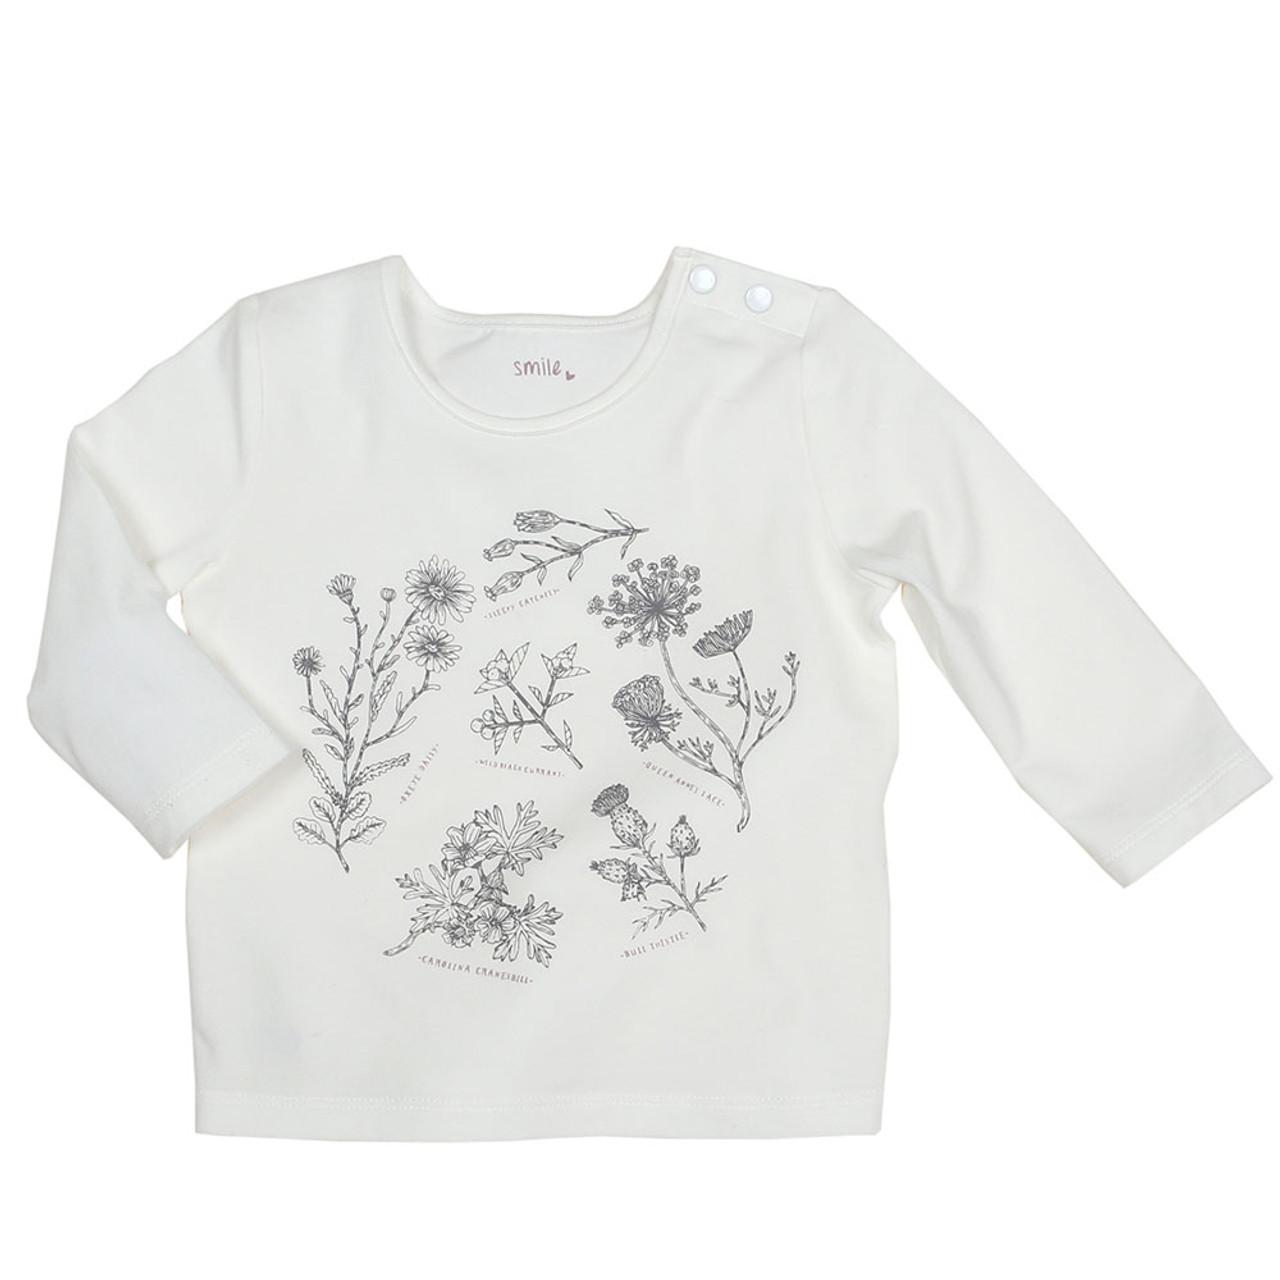 cea0a1a84bc2 Floral Top